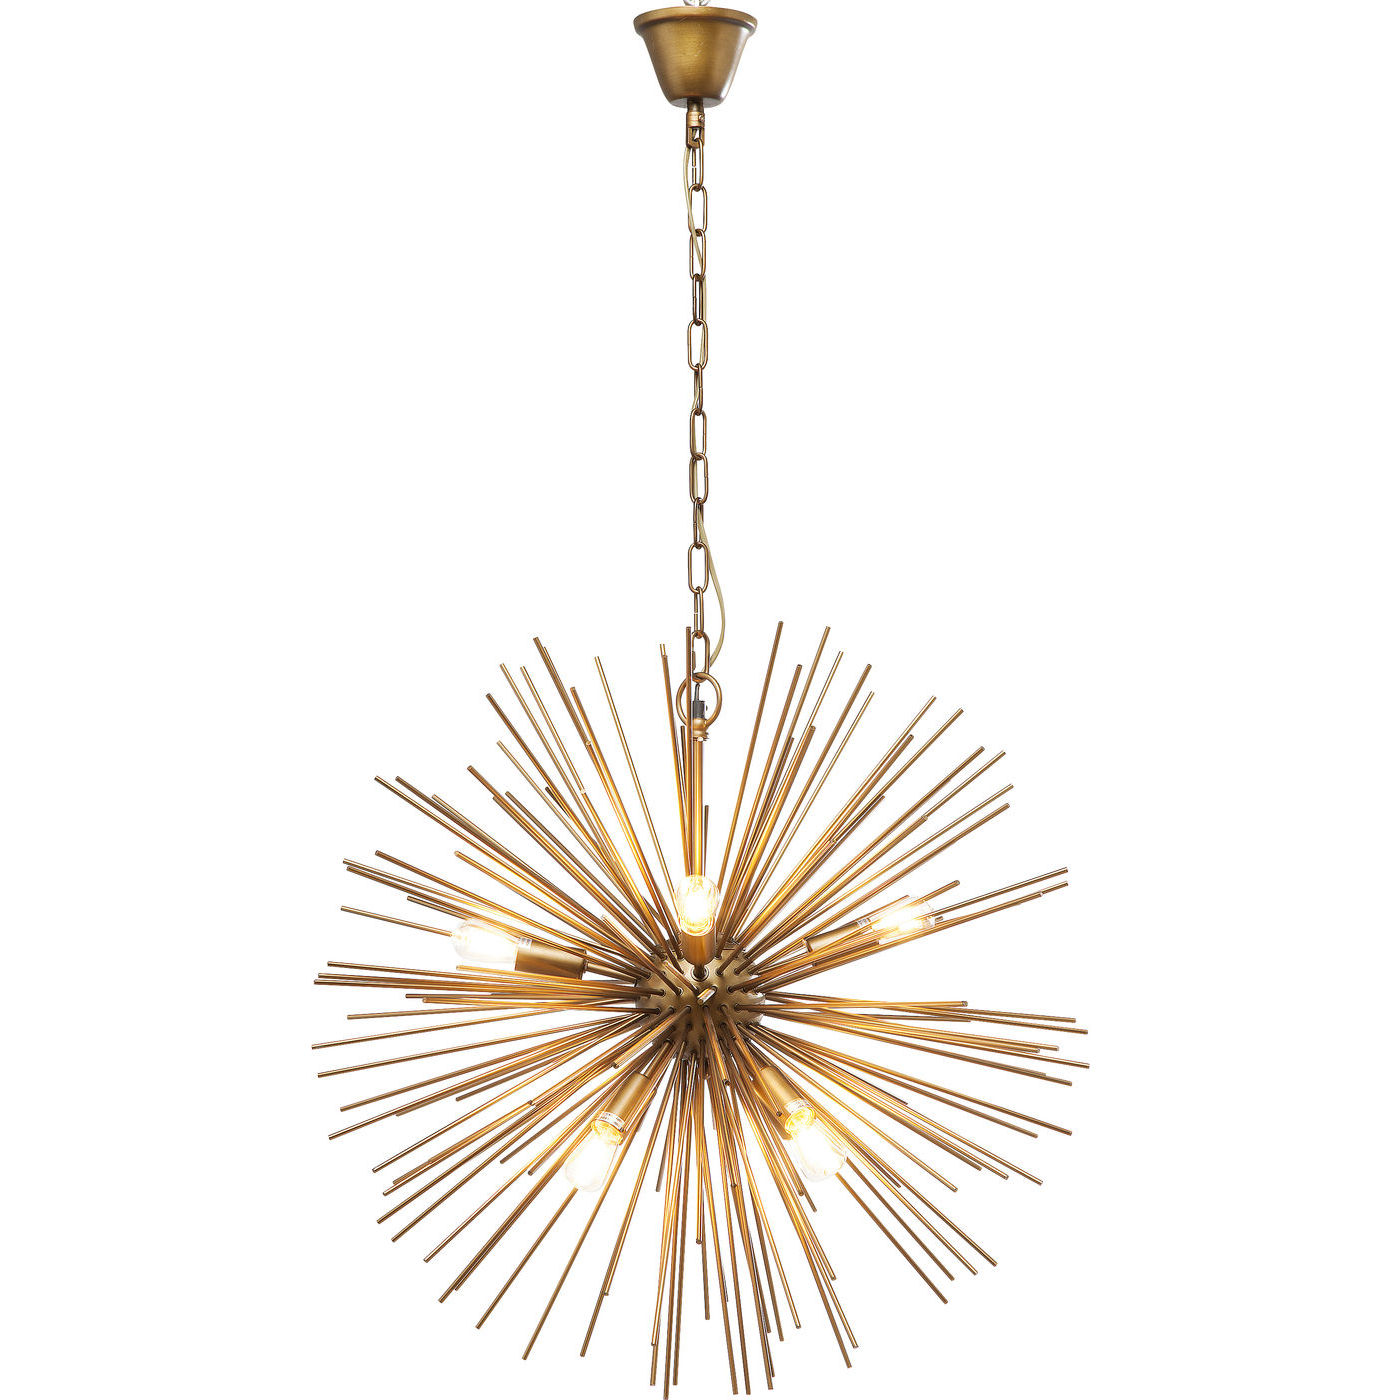 Billede af Kare Design Loftslampe, Beam Brass